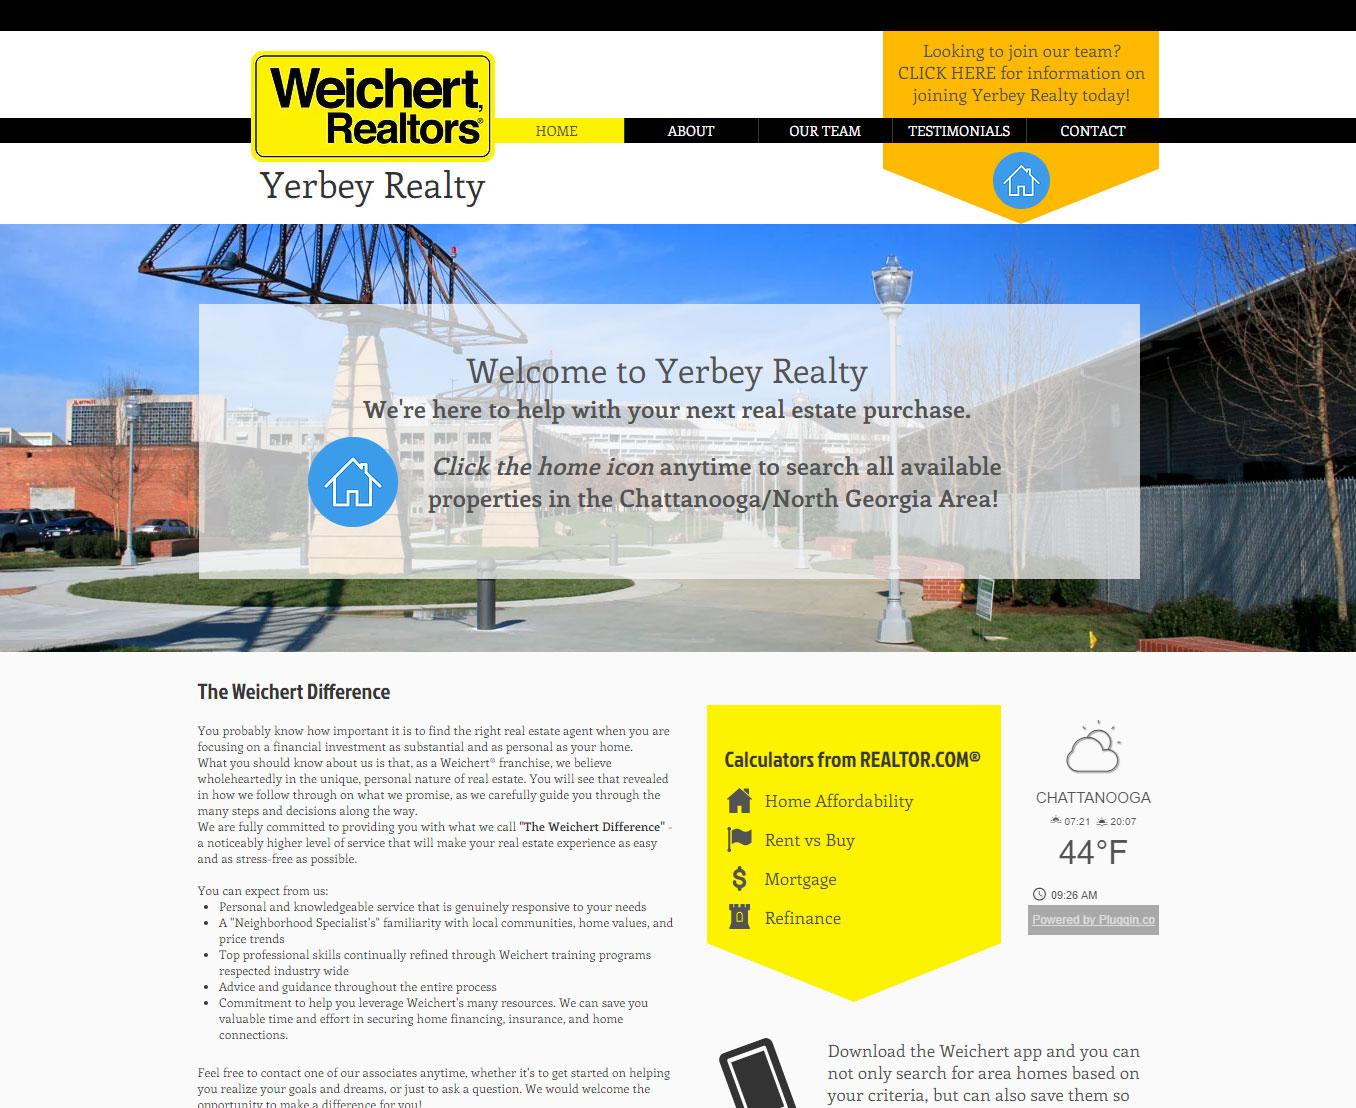 Weichert Realtors - Yerbey Realty